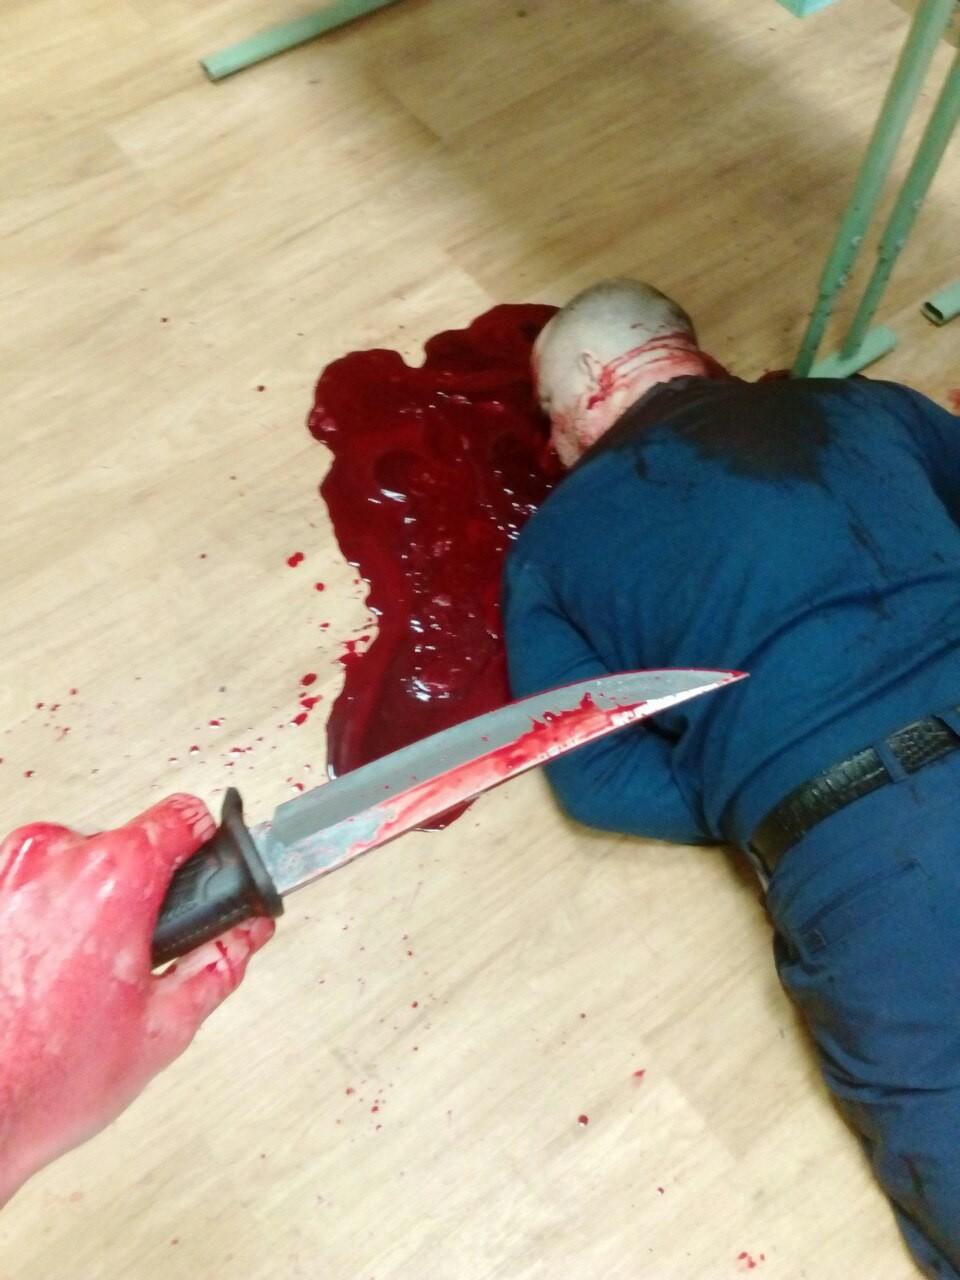 【閲覧注意】教師を殺害した大学生がアップした画像。常軌を逸してる・・・(画像)・4枚目